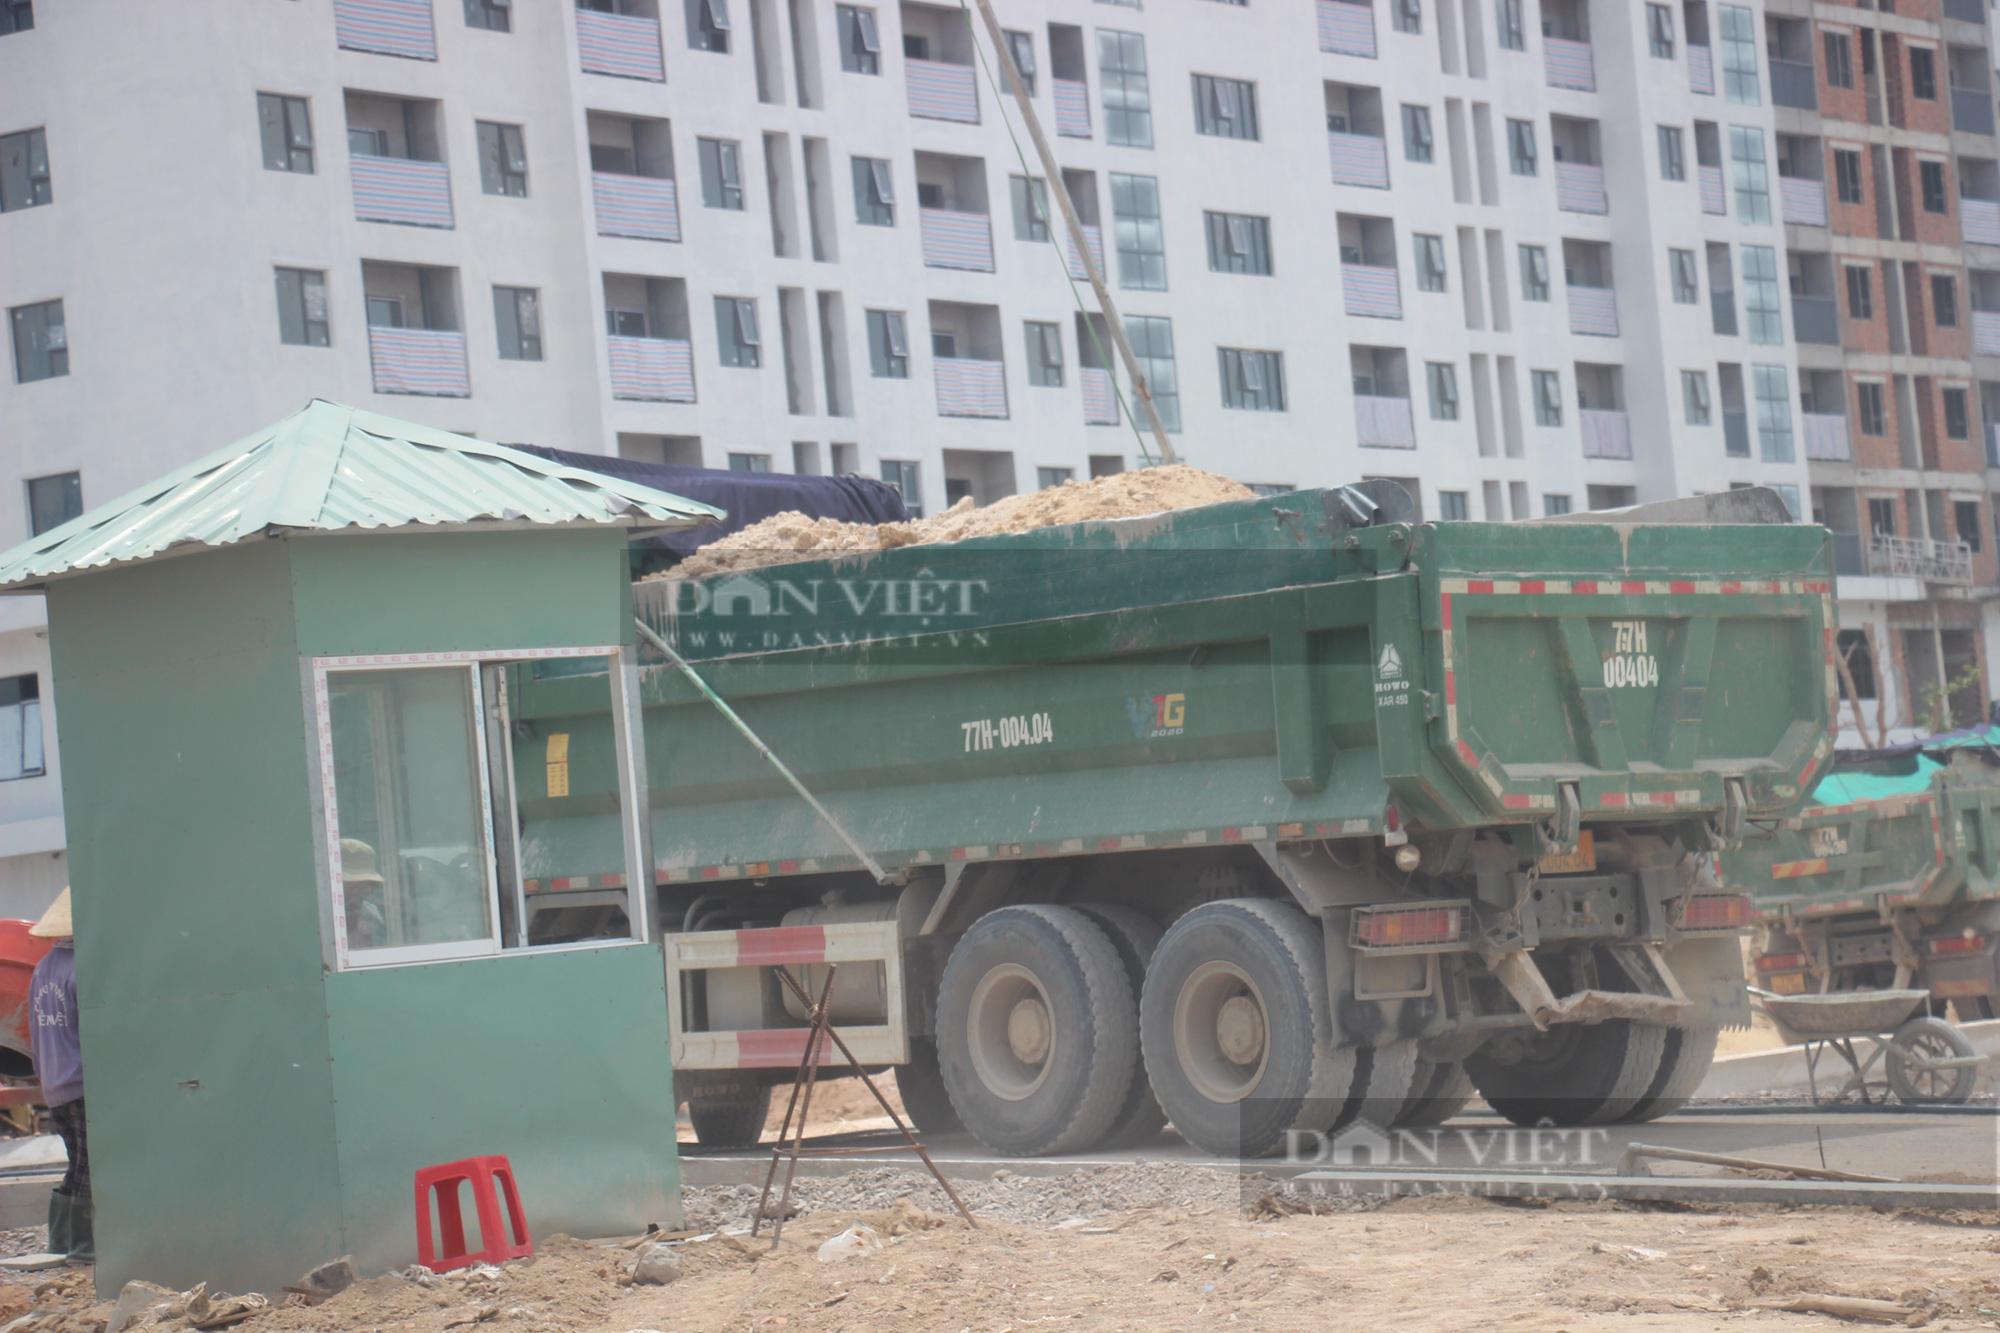 """Ngang nhiên dùng đất """"lậu"""" thi công dự án Nhà ở xã hội Ecohome Nhơn Bình? - Ảnh 7."""